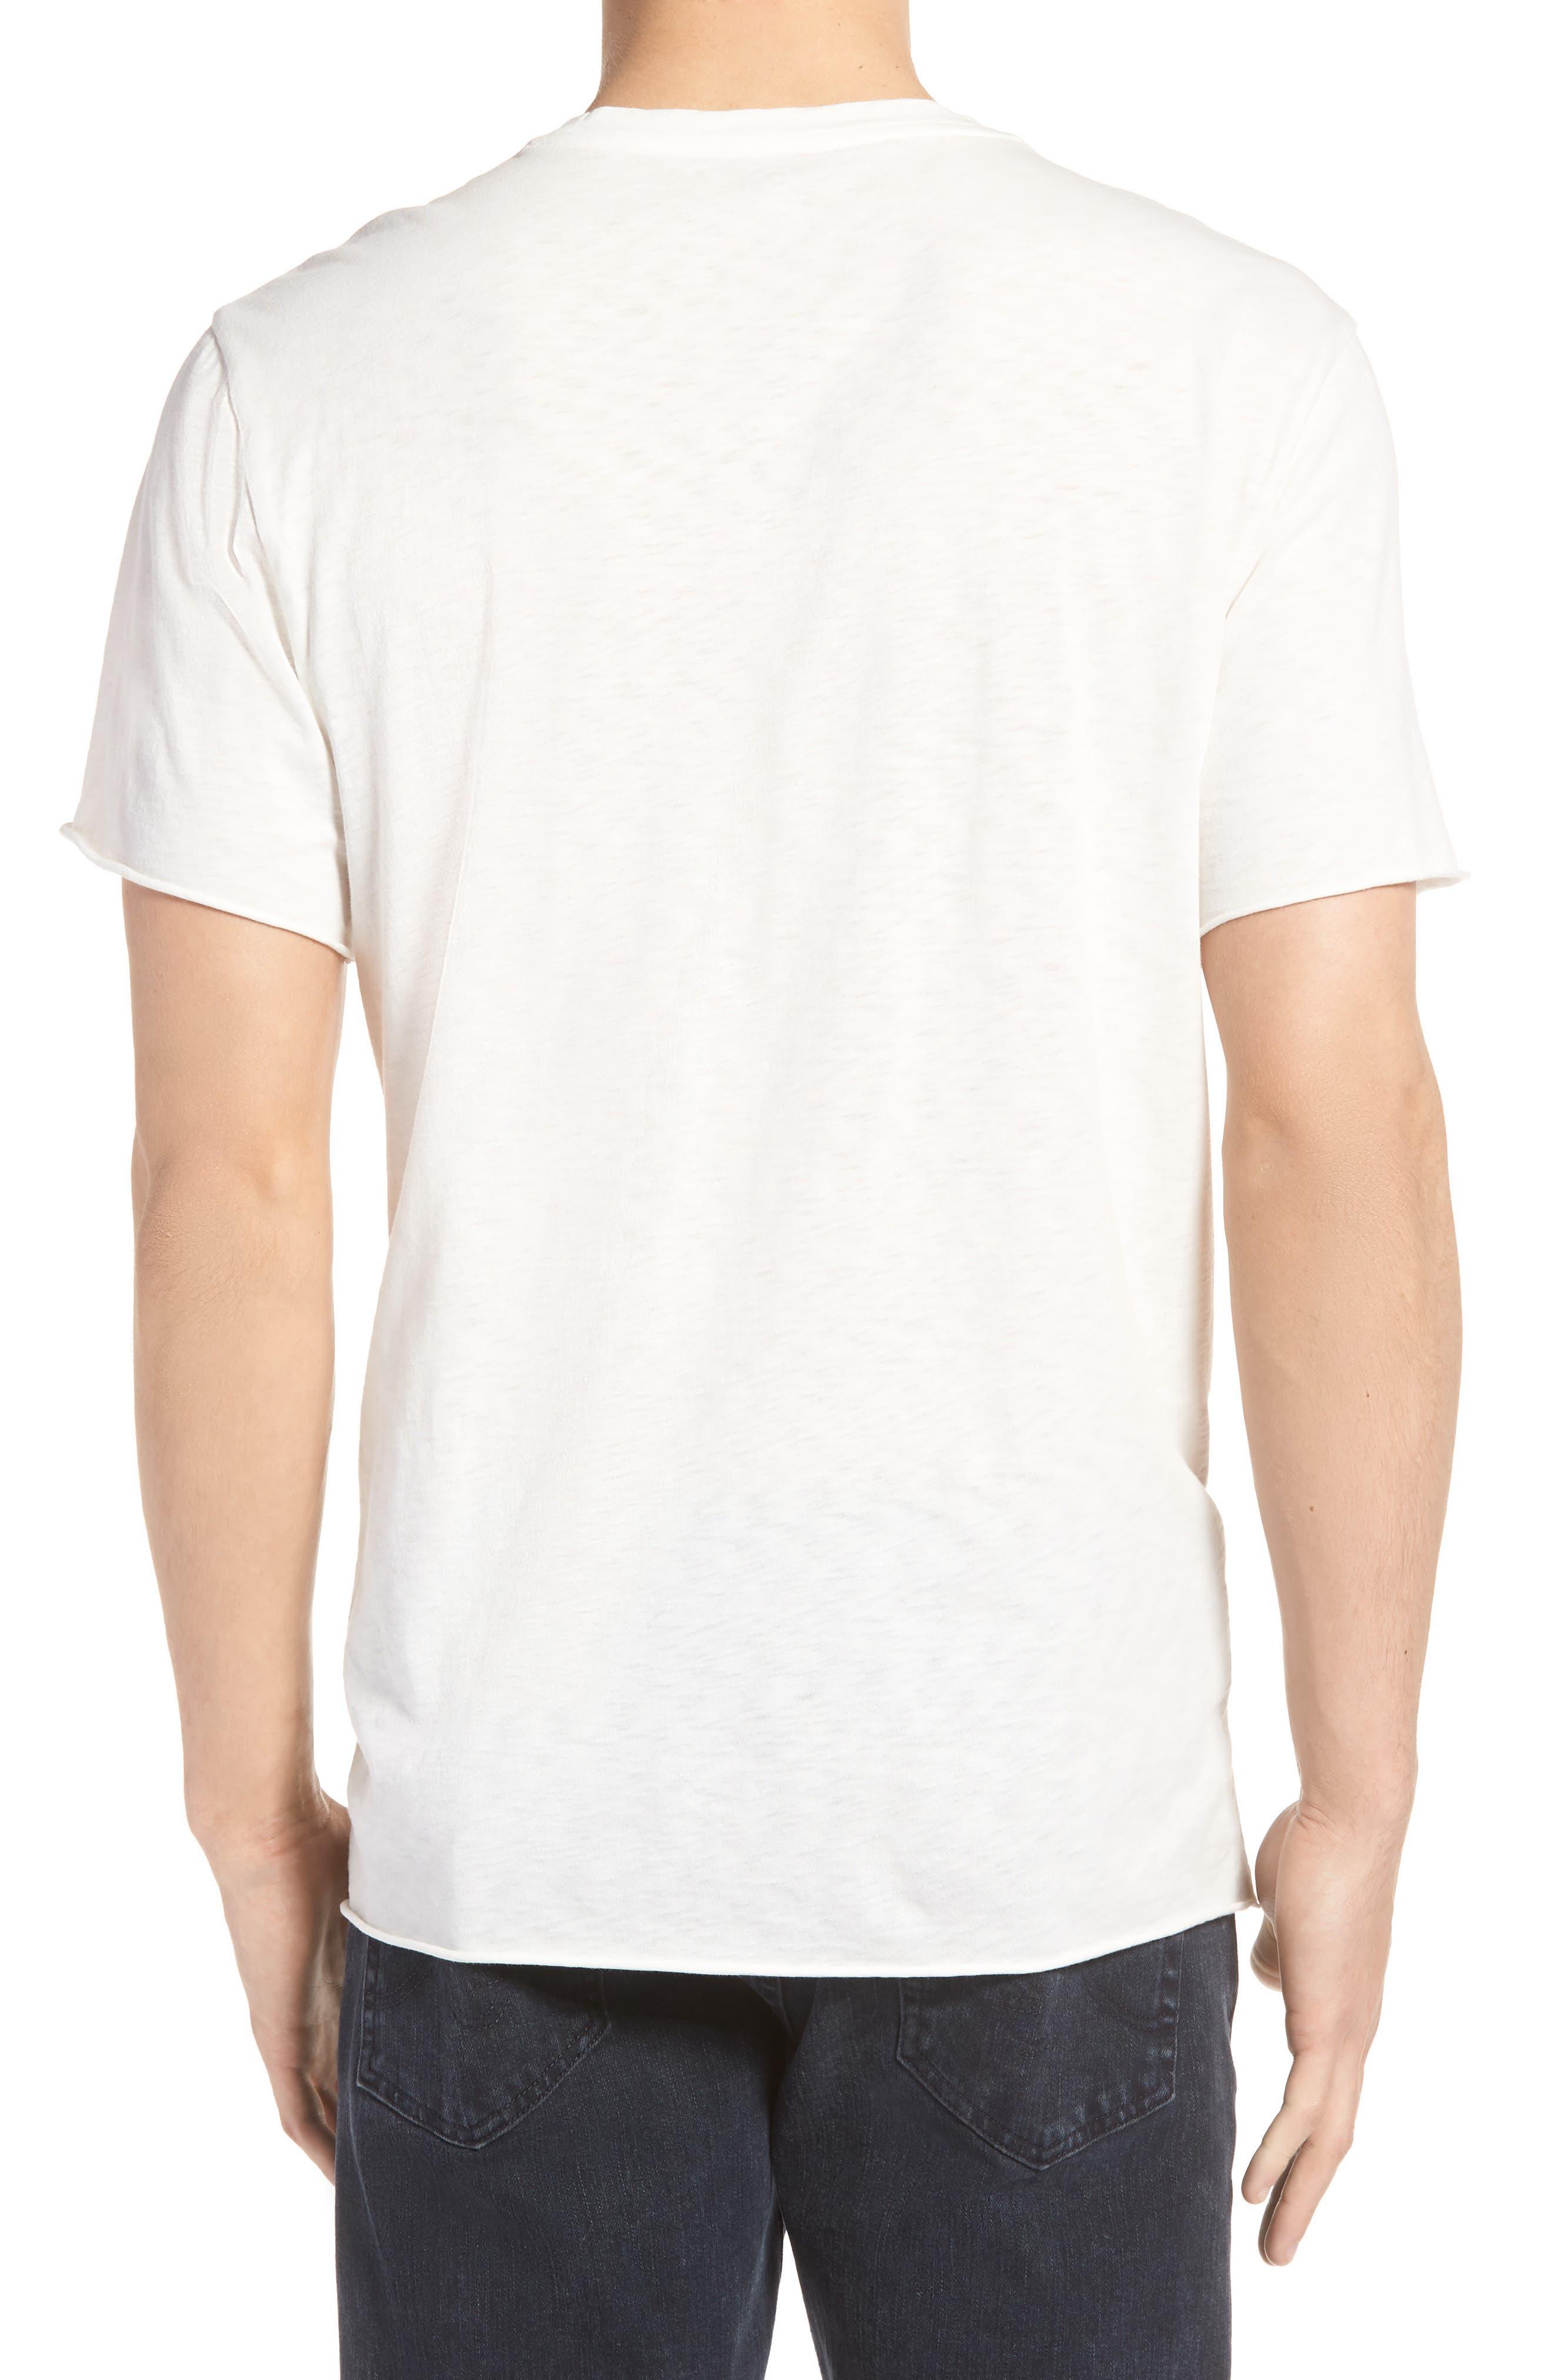 Rush Trim Fit T-Shirt,                             Alternate thumbnail 2, color,                             900